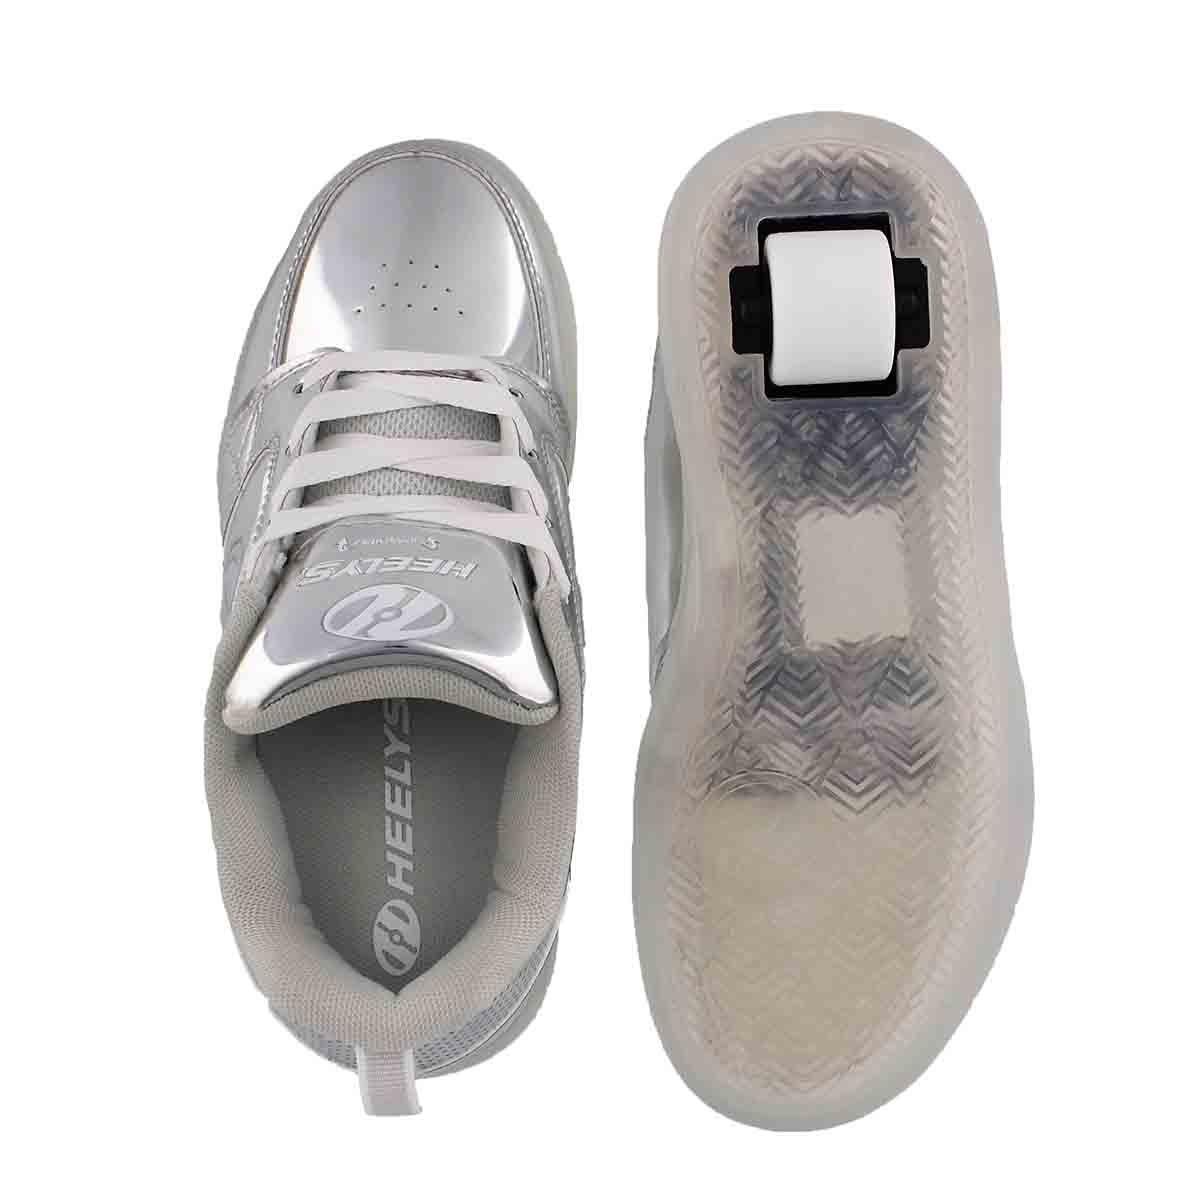 Kds Premium1 Lo slvr light up skate snkr